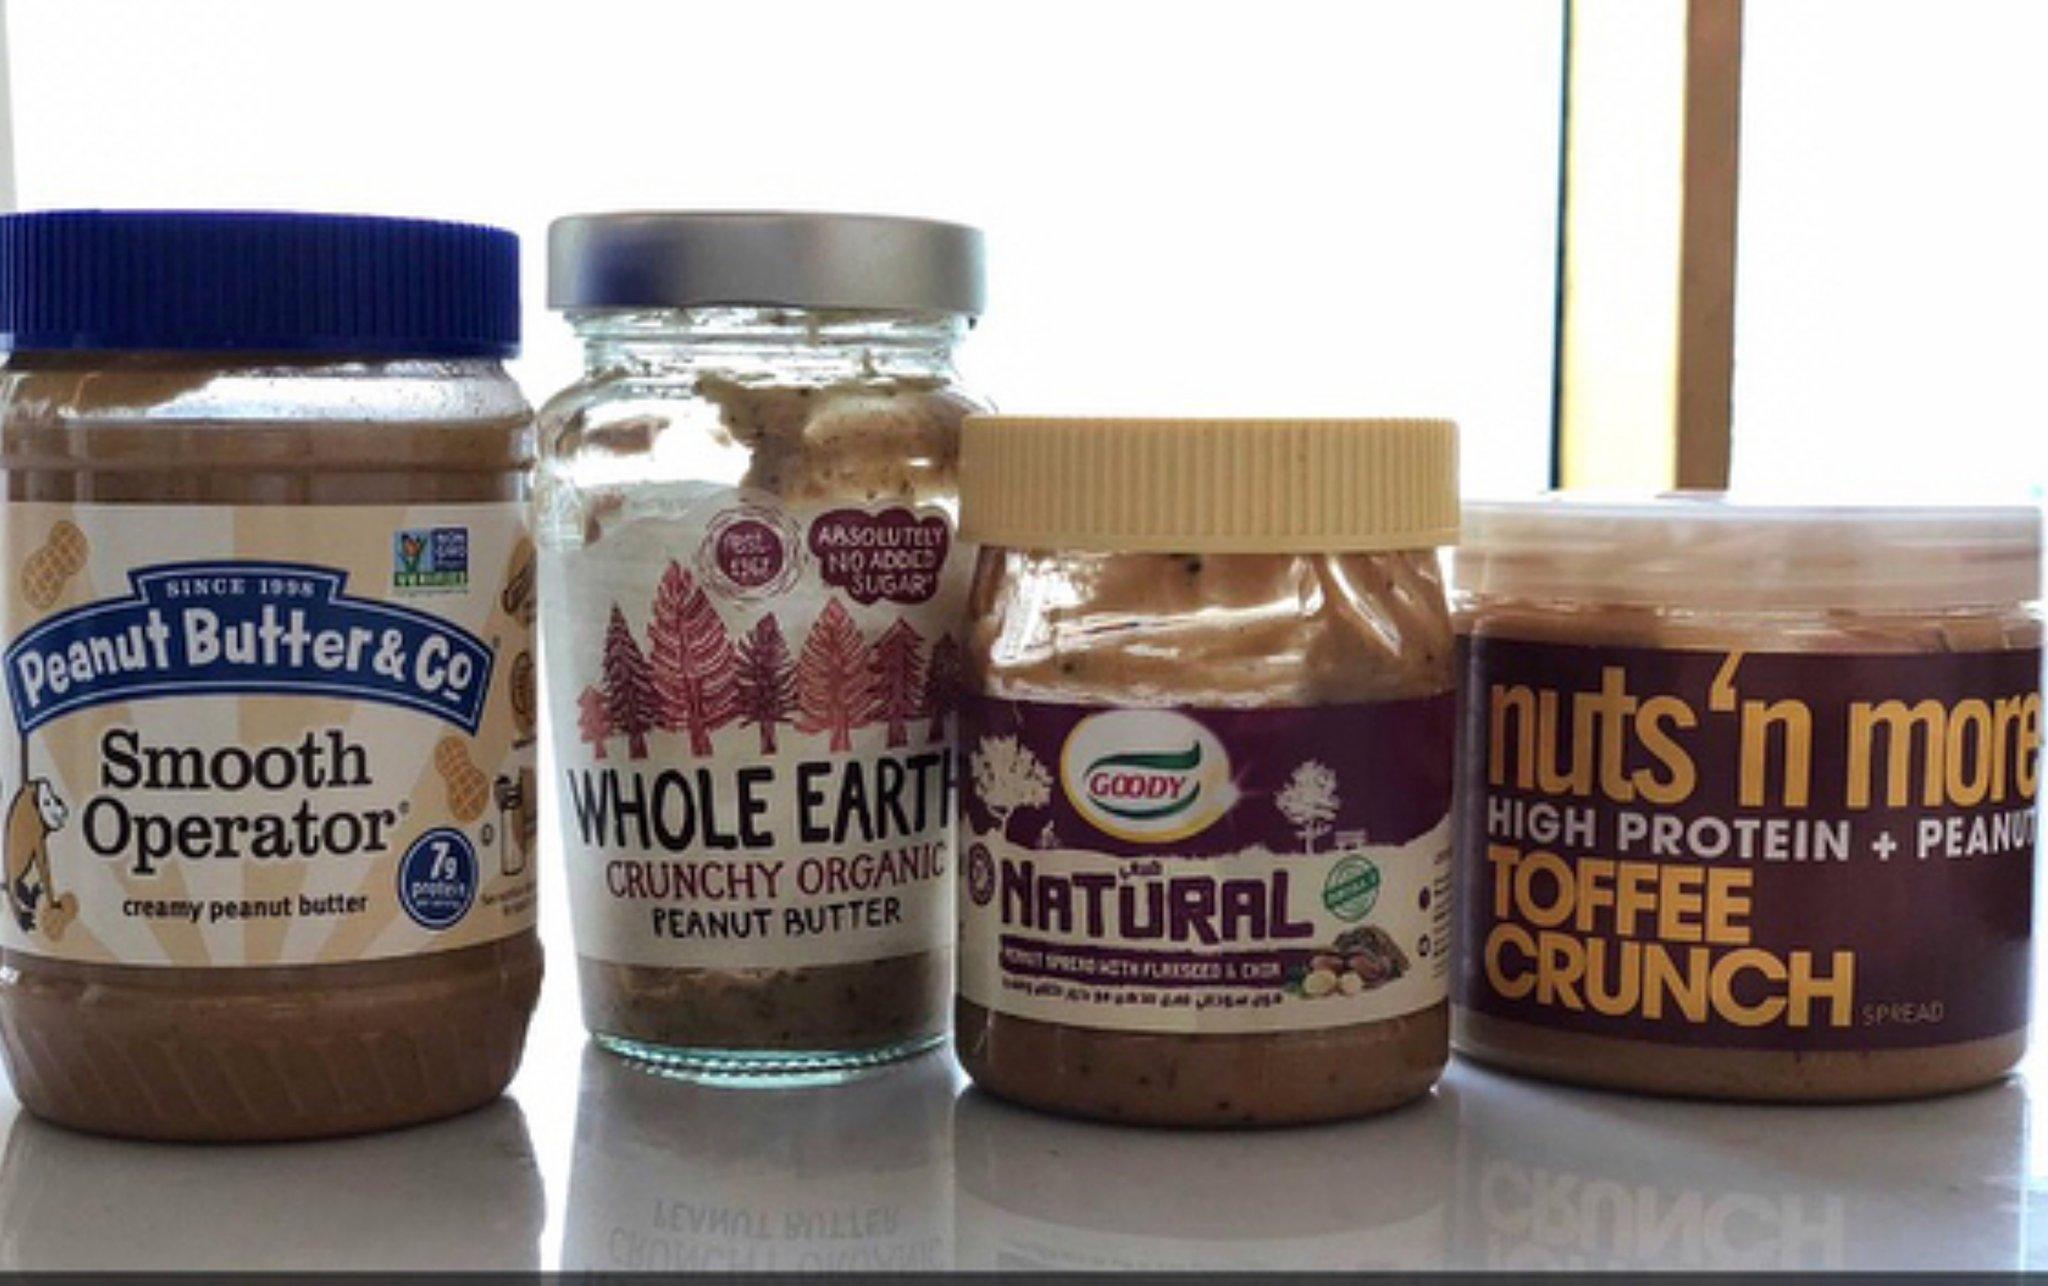 رياضة ولياقة على تويتر اذا كنتم من محبين زبدة الفول السوداني هذه 4 انواع صحية وبعضها خالي من السكر